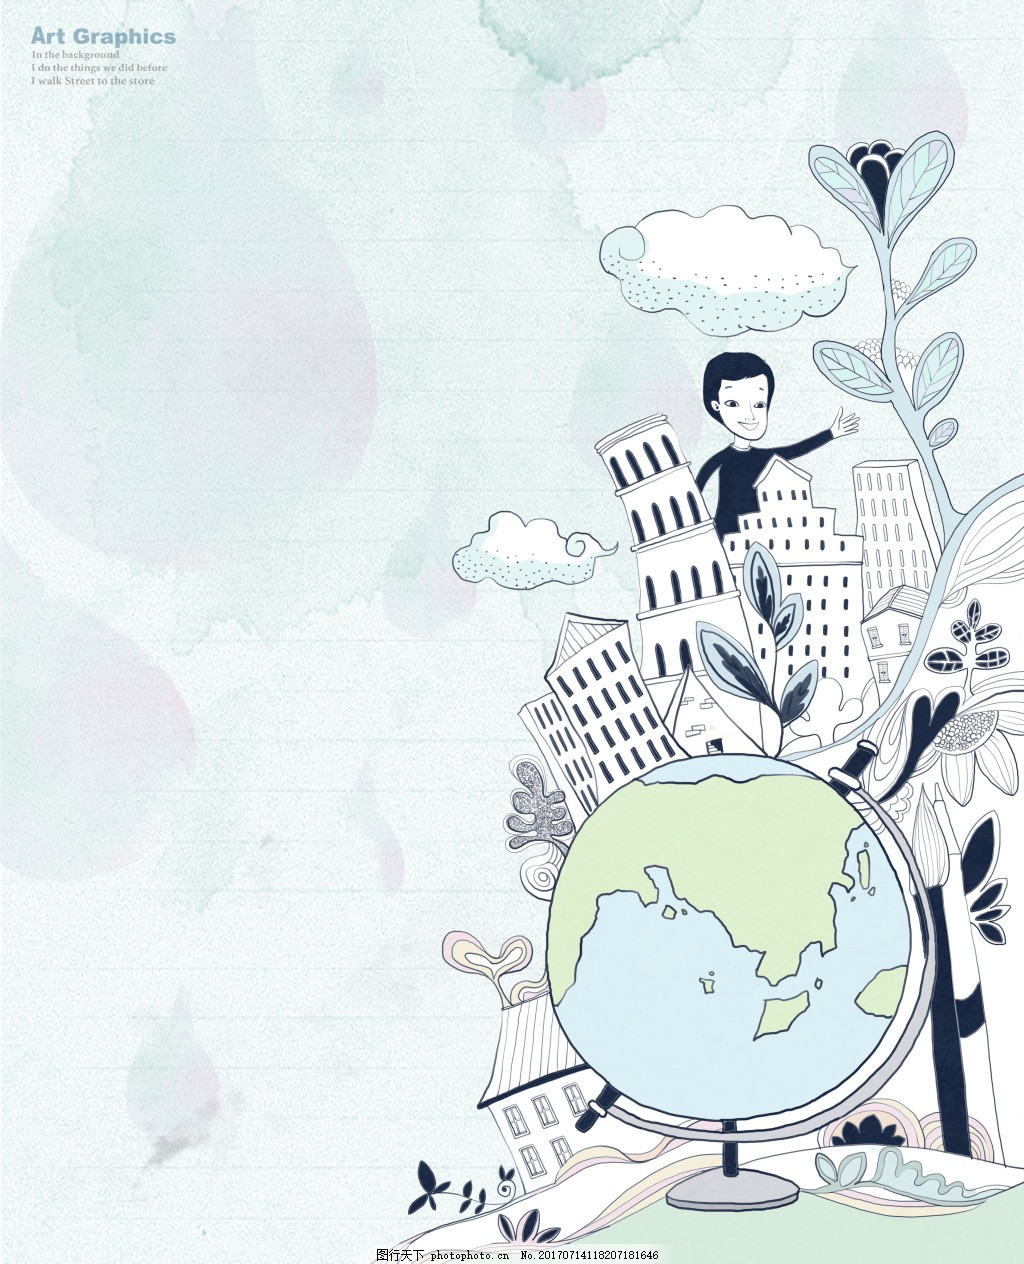 经典花纹 韩国时尚花纹 背景底纹 手绘背景 卡通背景 简约背景 创意